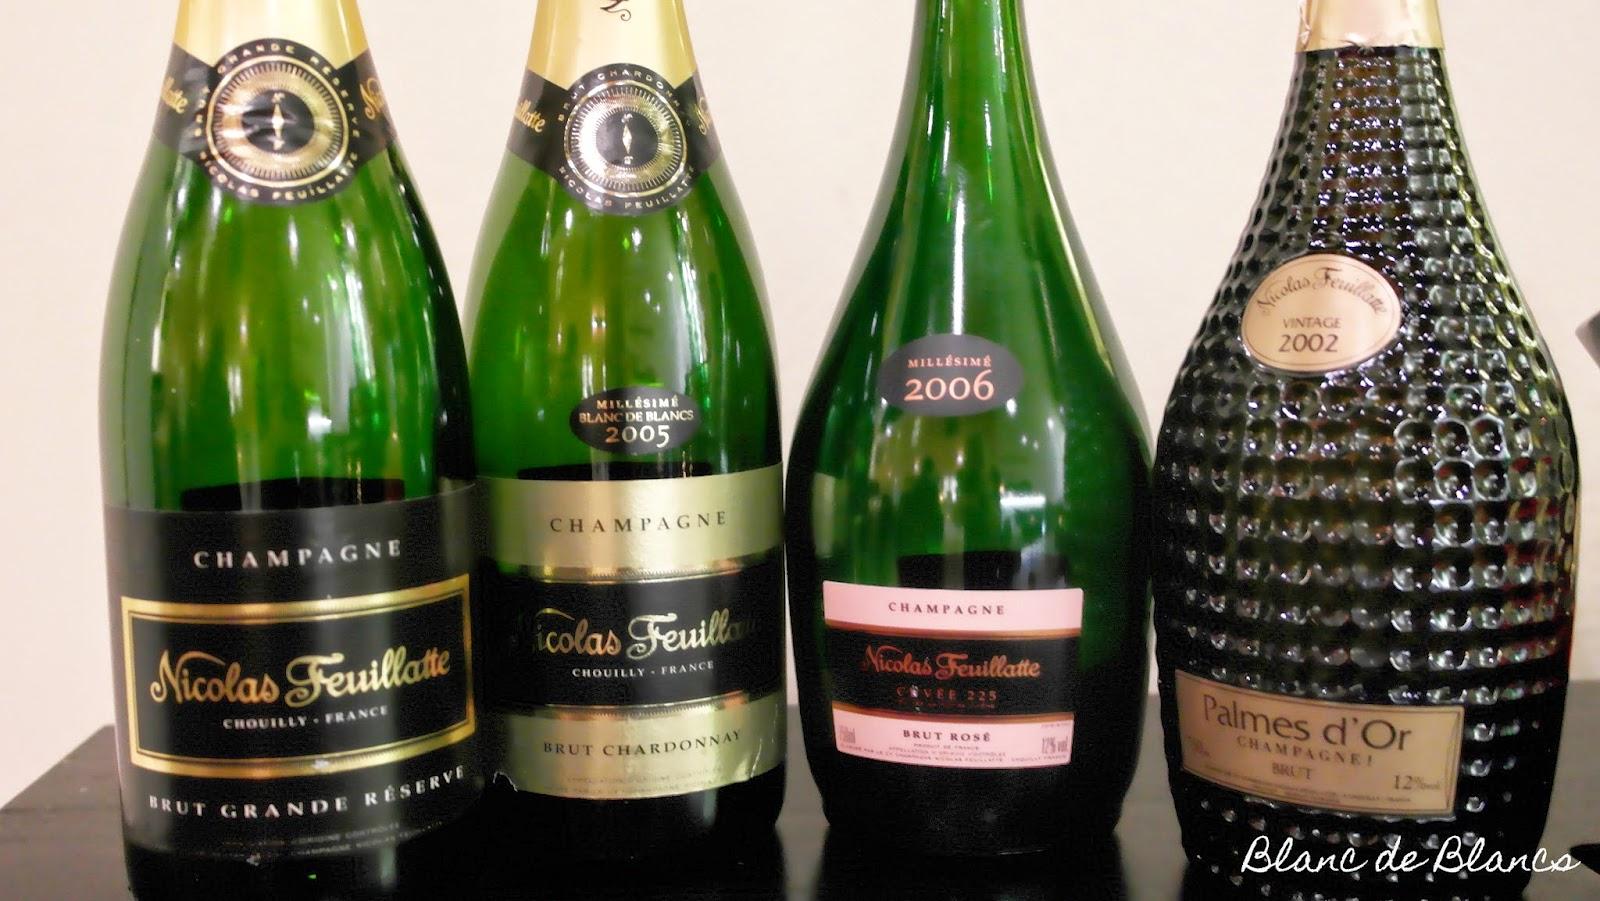 Nicolas Feuillatte Brut Grande Réserve, Brut Chardonnay 2005, Cuvée 225 Rosé 2006 ja Palmes d'Or 2002 - www.blancdeblancs.fi